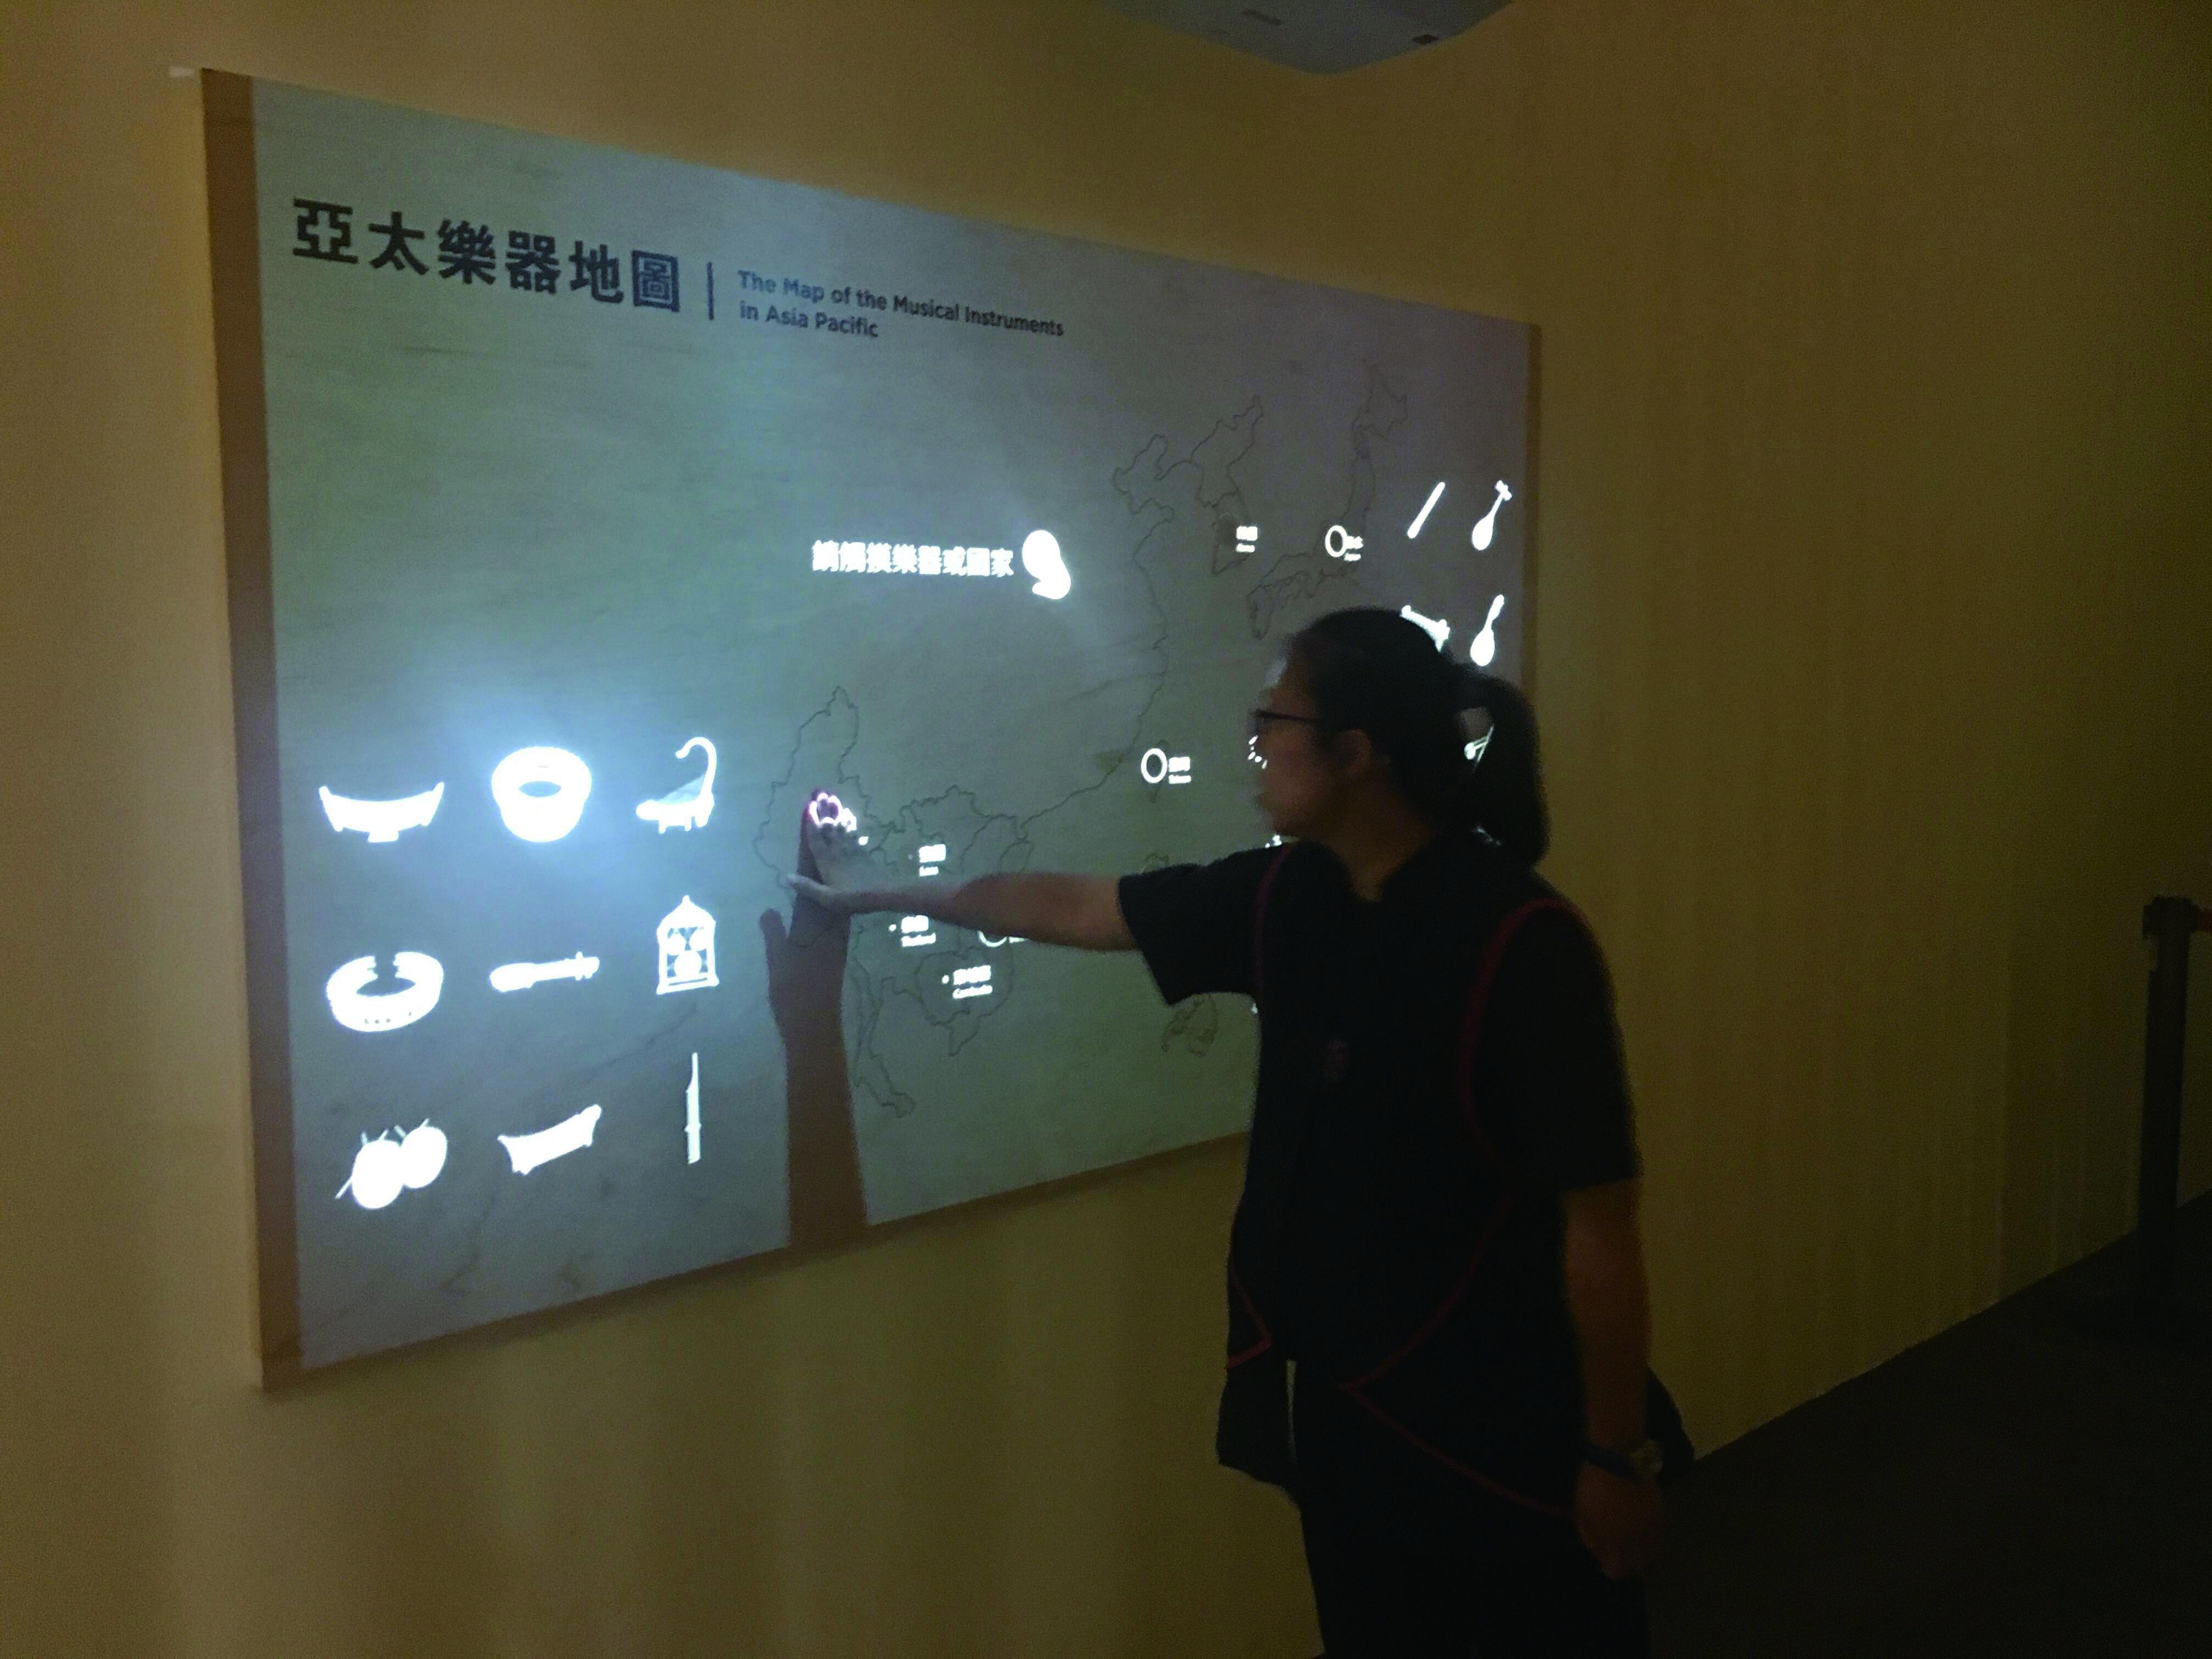 圖八:亞太樂器地圖的互動裝置,未來將運用先端科技以突破場地限制。.jpg